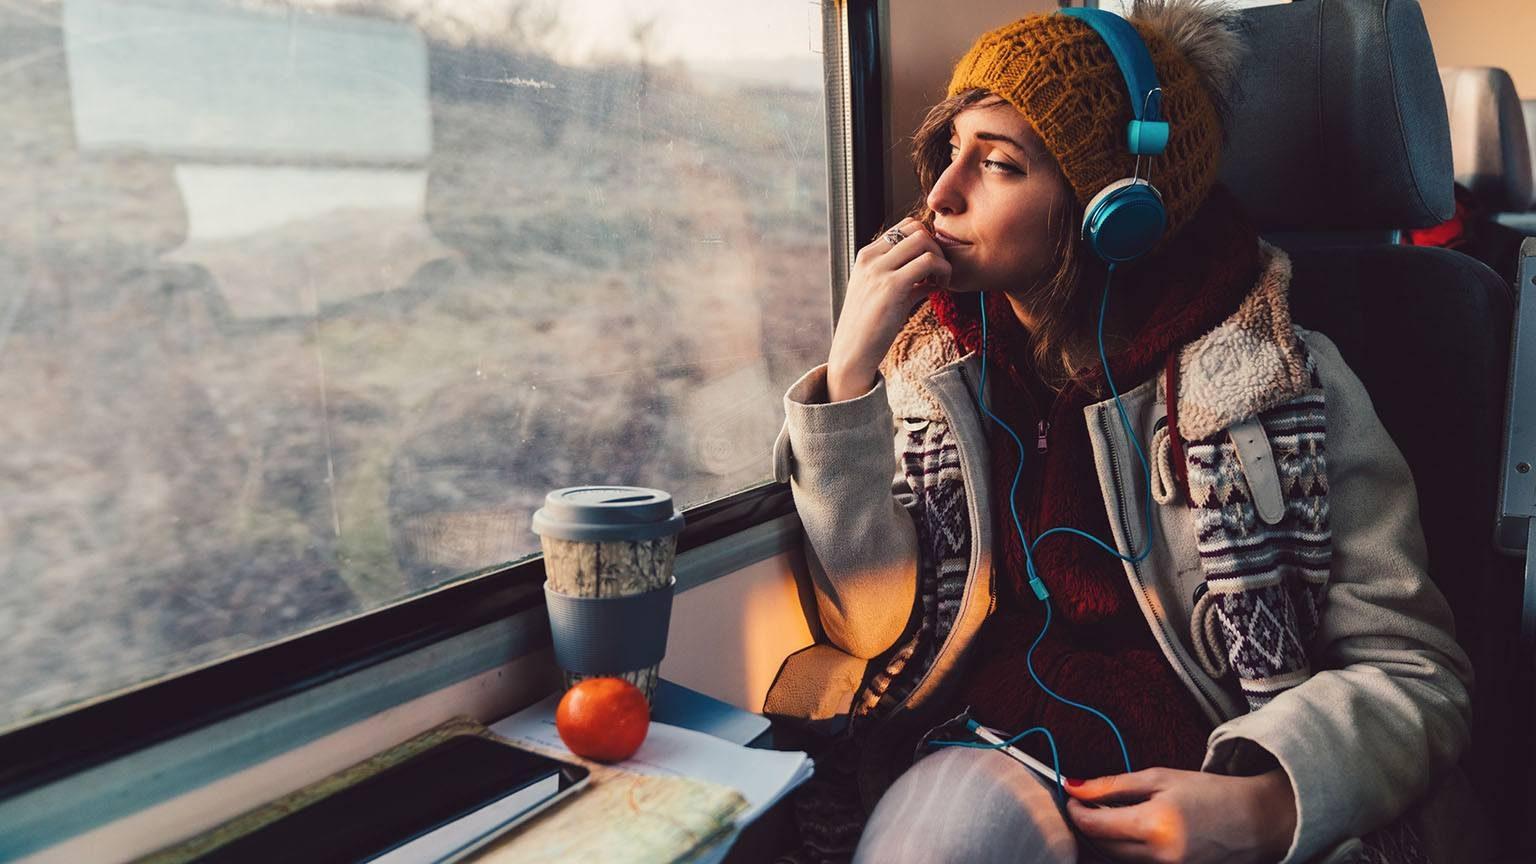 Traveler on train